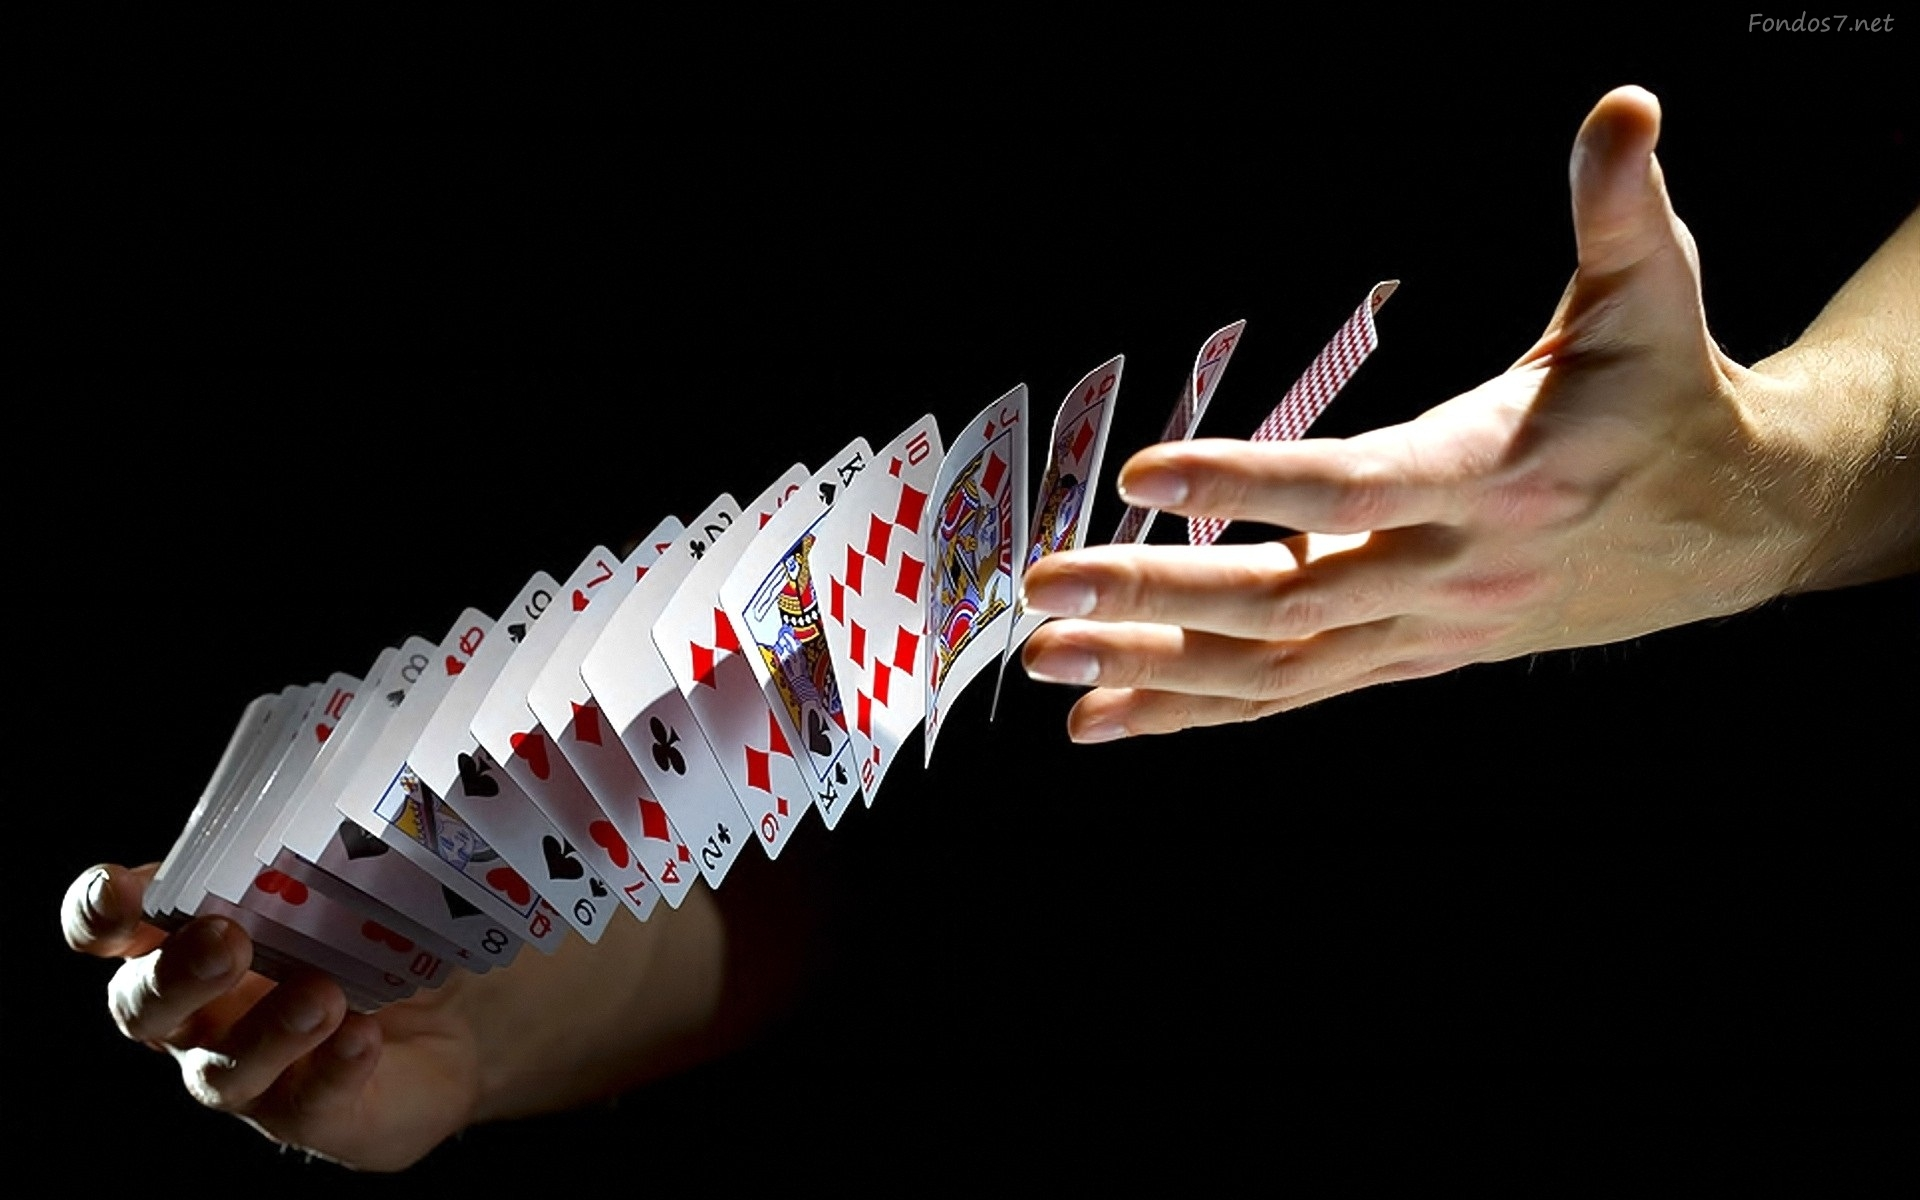 la-psicologia-de-los-trucos-de-magia